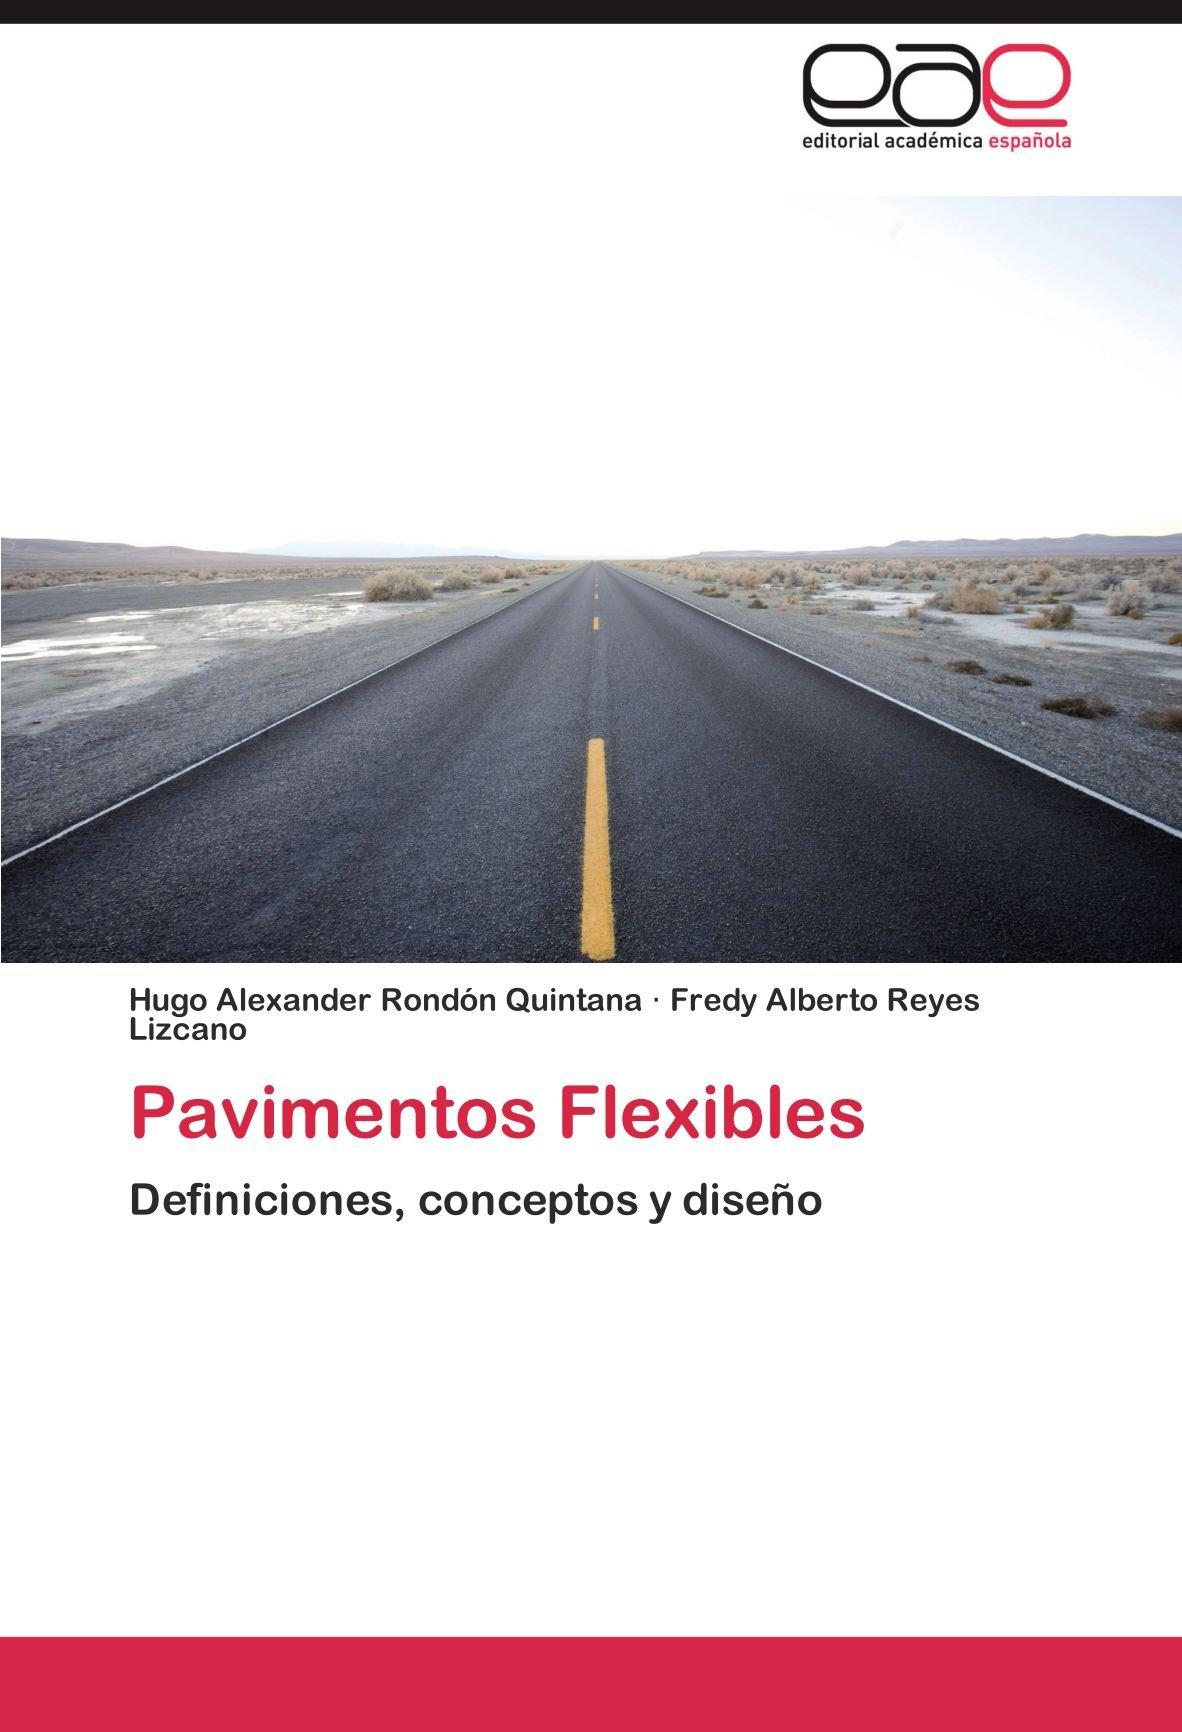 Pavimentos Flexibles Definiciones Conceptos Y Diseño